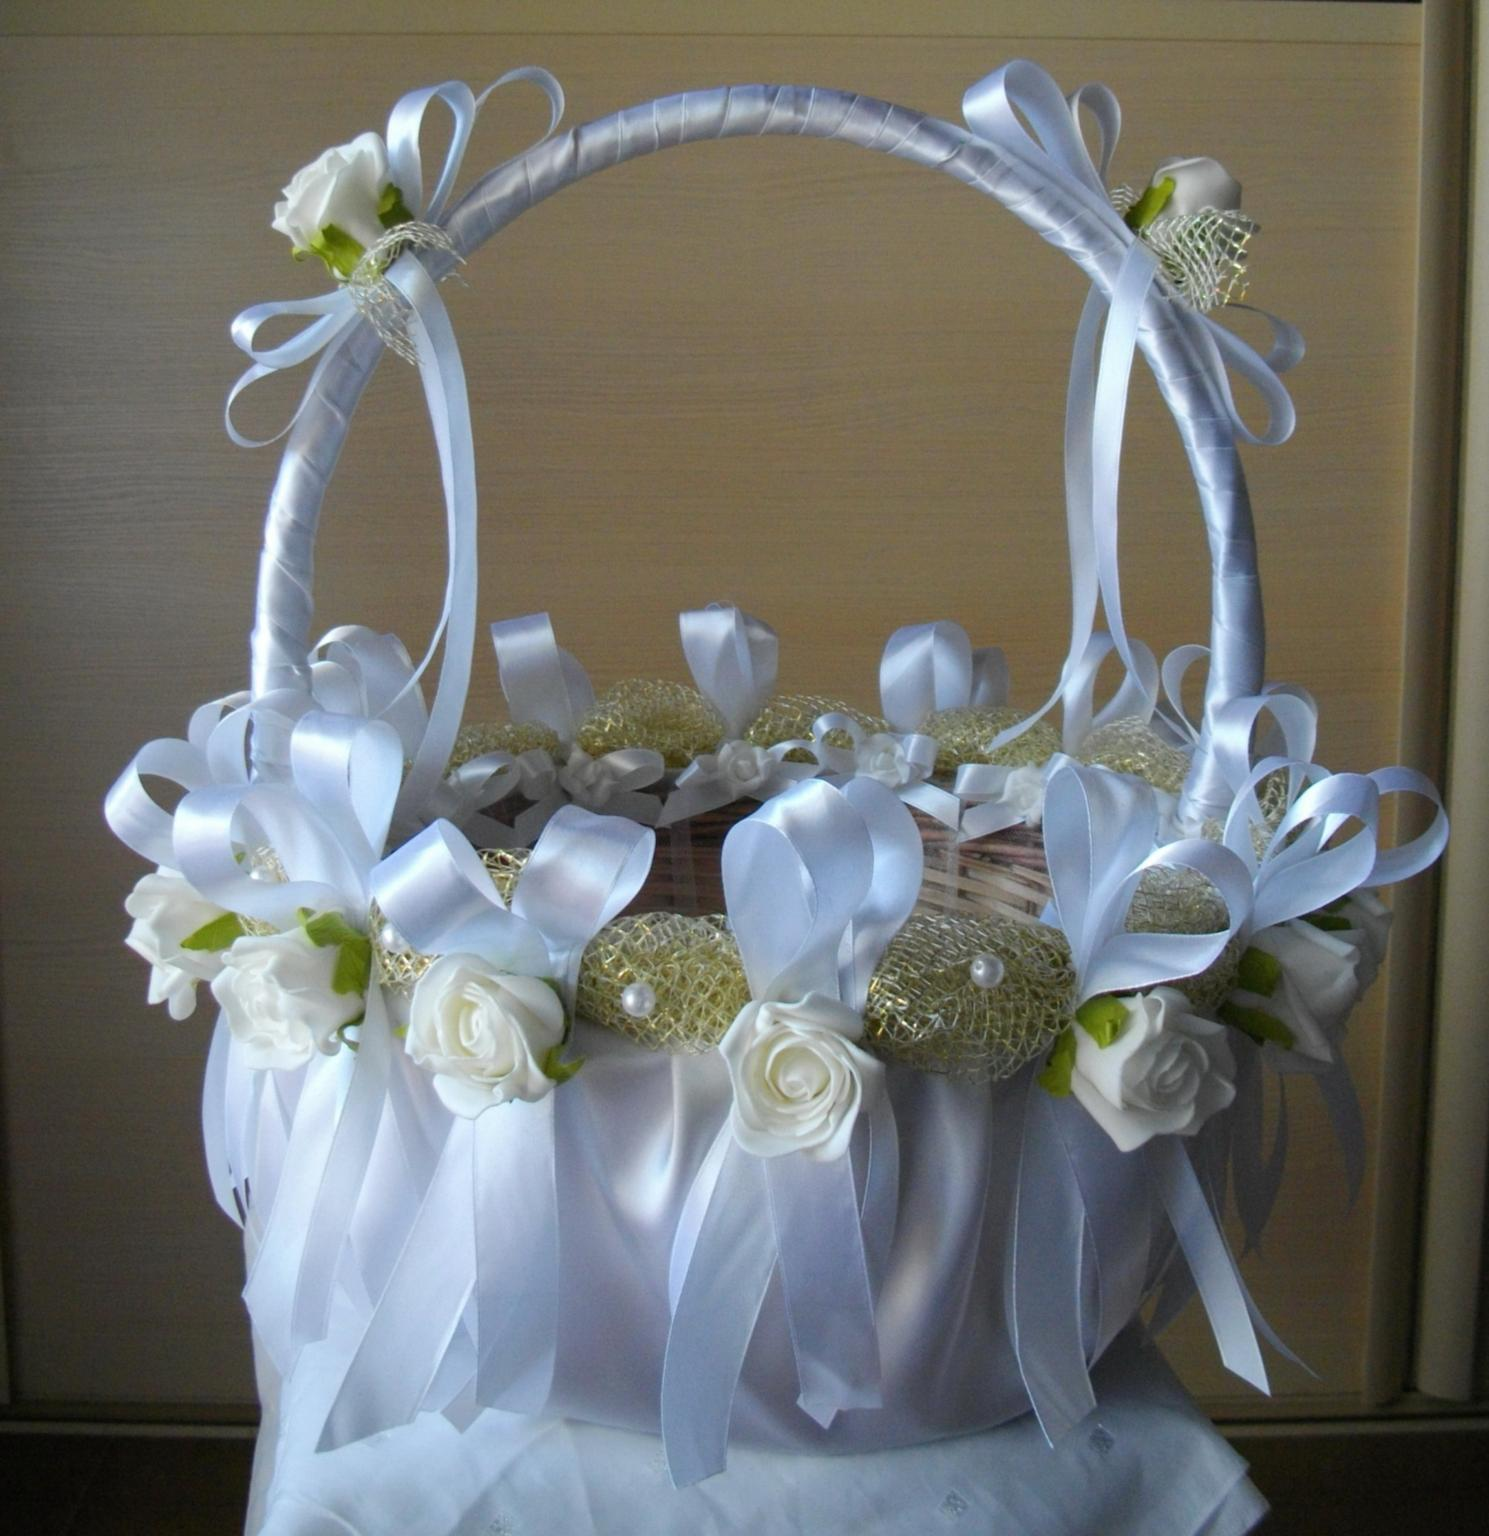 Оформление корзин на свадьбу своими руками фото